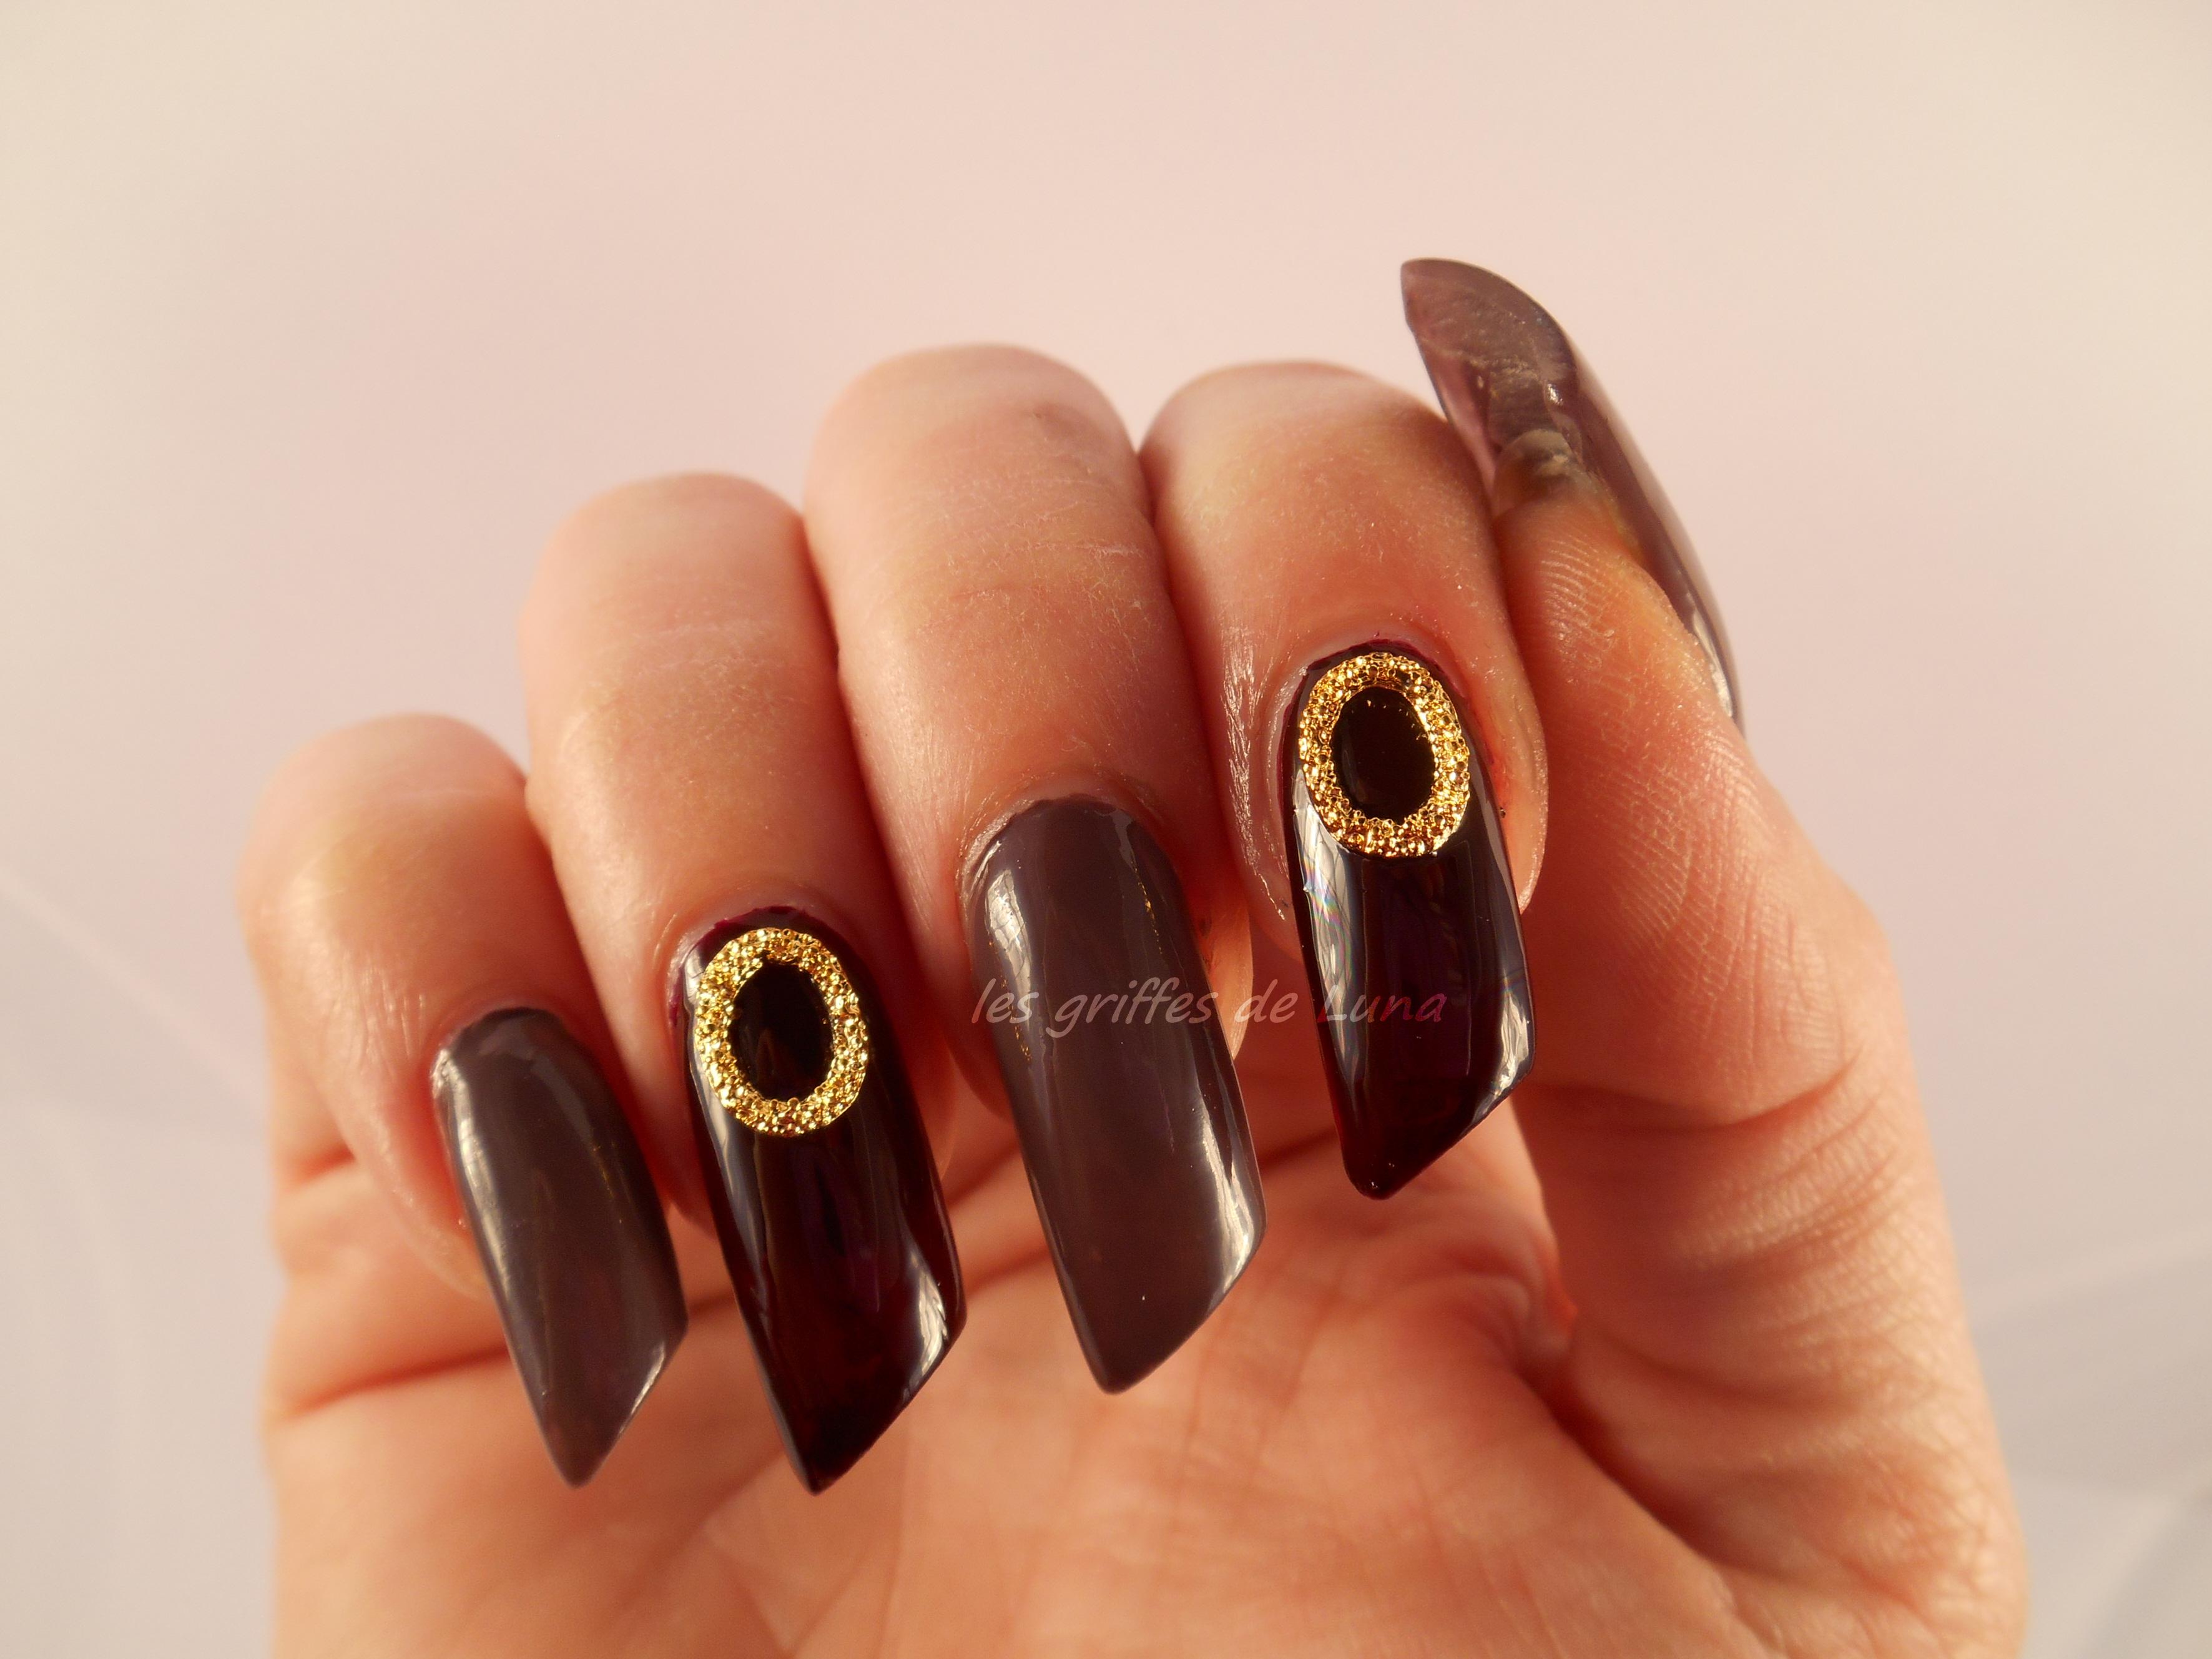 nail art so class les griffes de luna. Black Bedroom Furniture Sets. Home Design Ideas